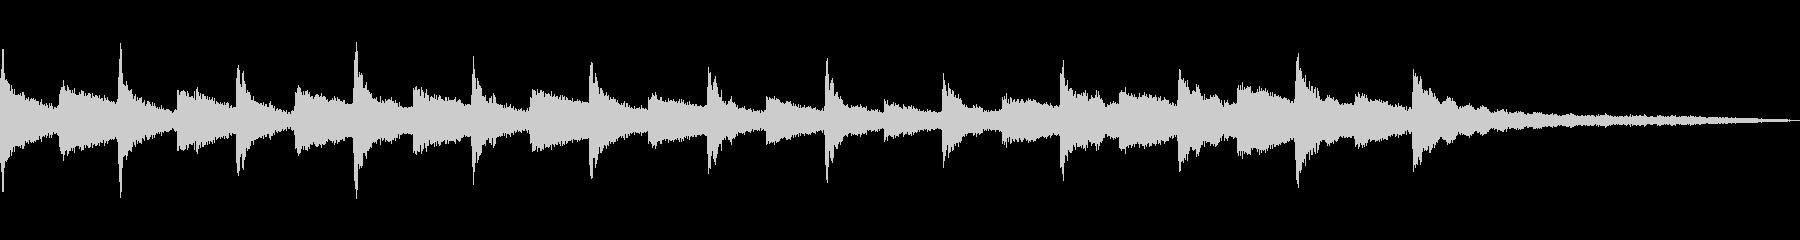 チャーチベルトーリング、B / G...の未再生の波形